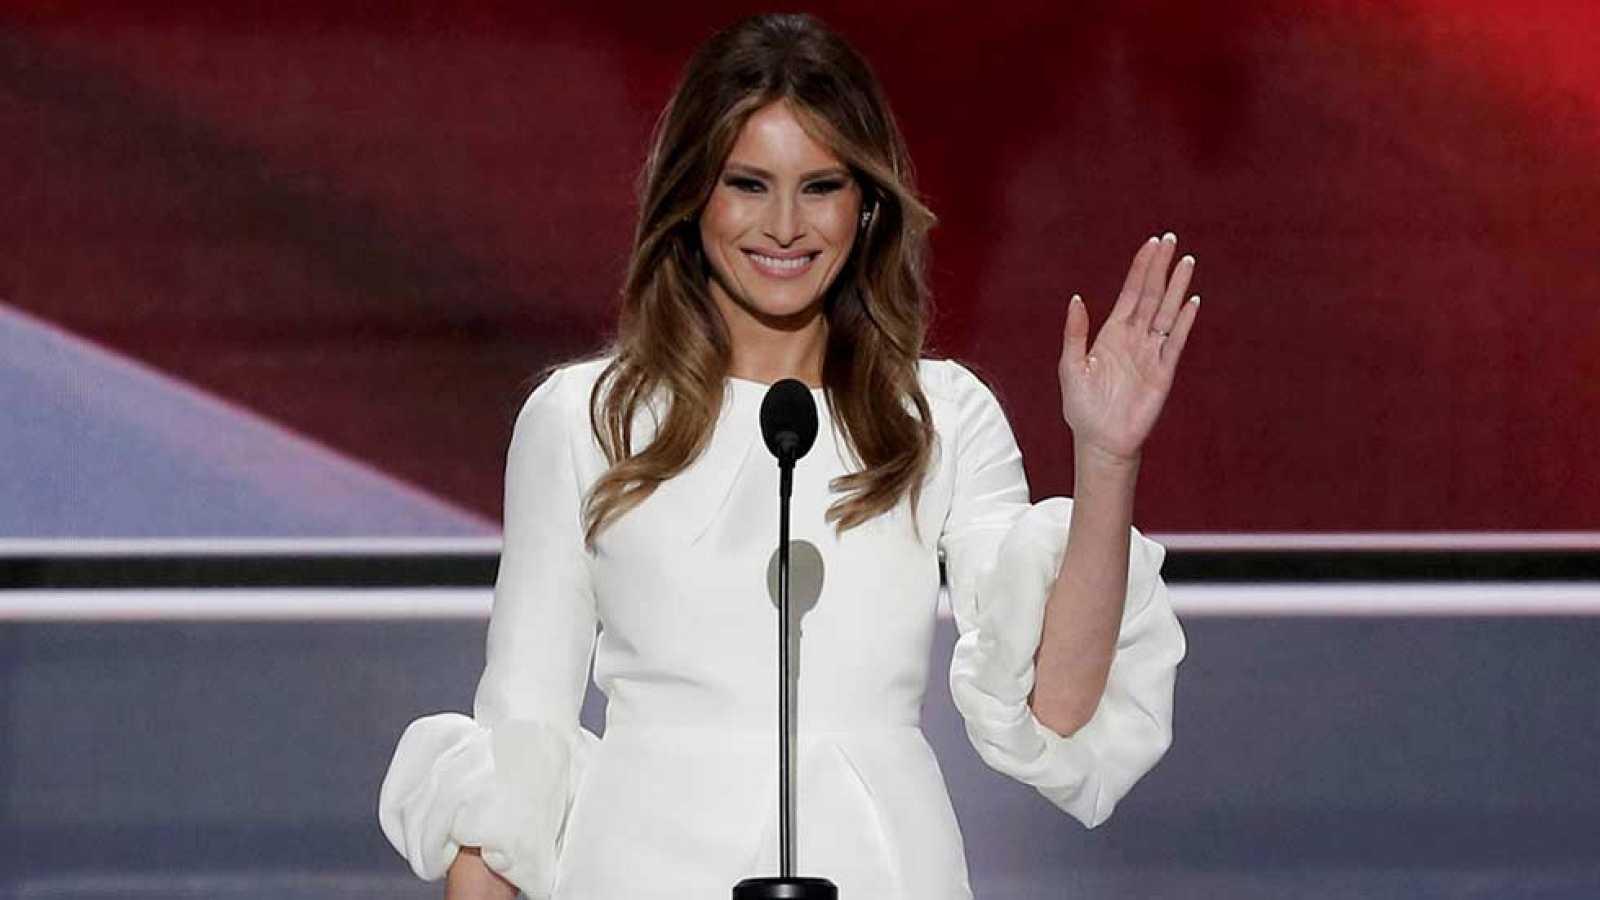 Melania Trump Acusada De Plagiar Un Discurso De Michelle Obama Durante La Convención Republicana